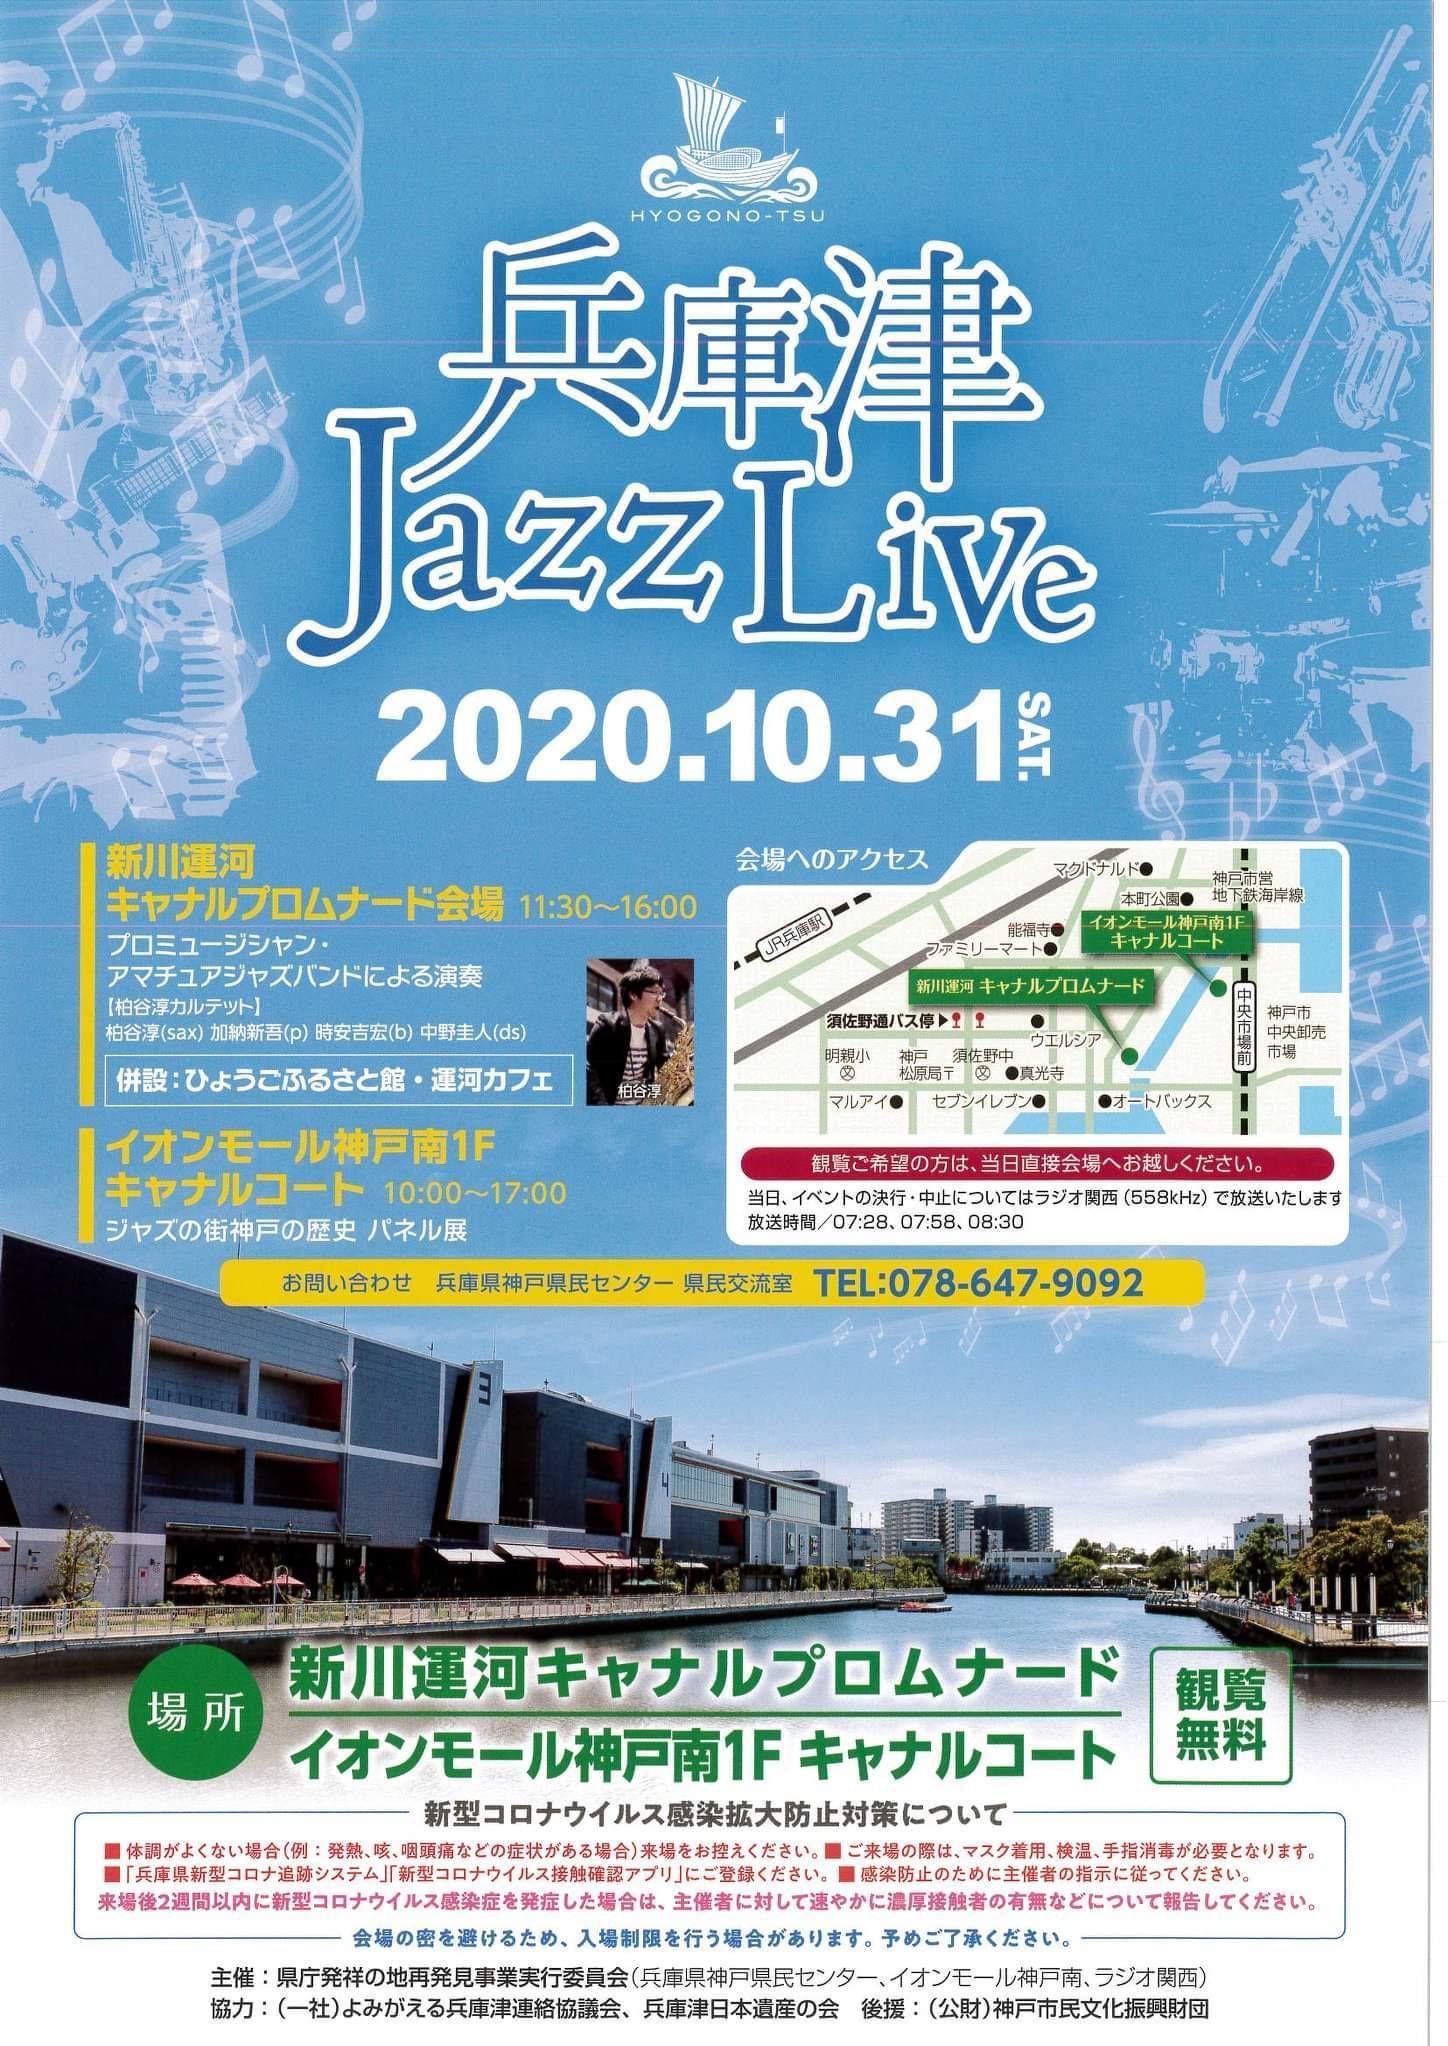 神戸から、10/31(土)満月の日、県庁発祥の地兵庫津Jazz Liveでパフォーマンス揮毫します_a0098174_14170339.jpg